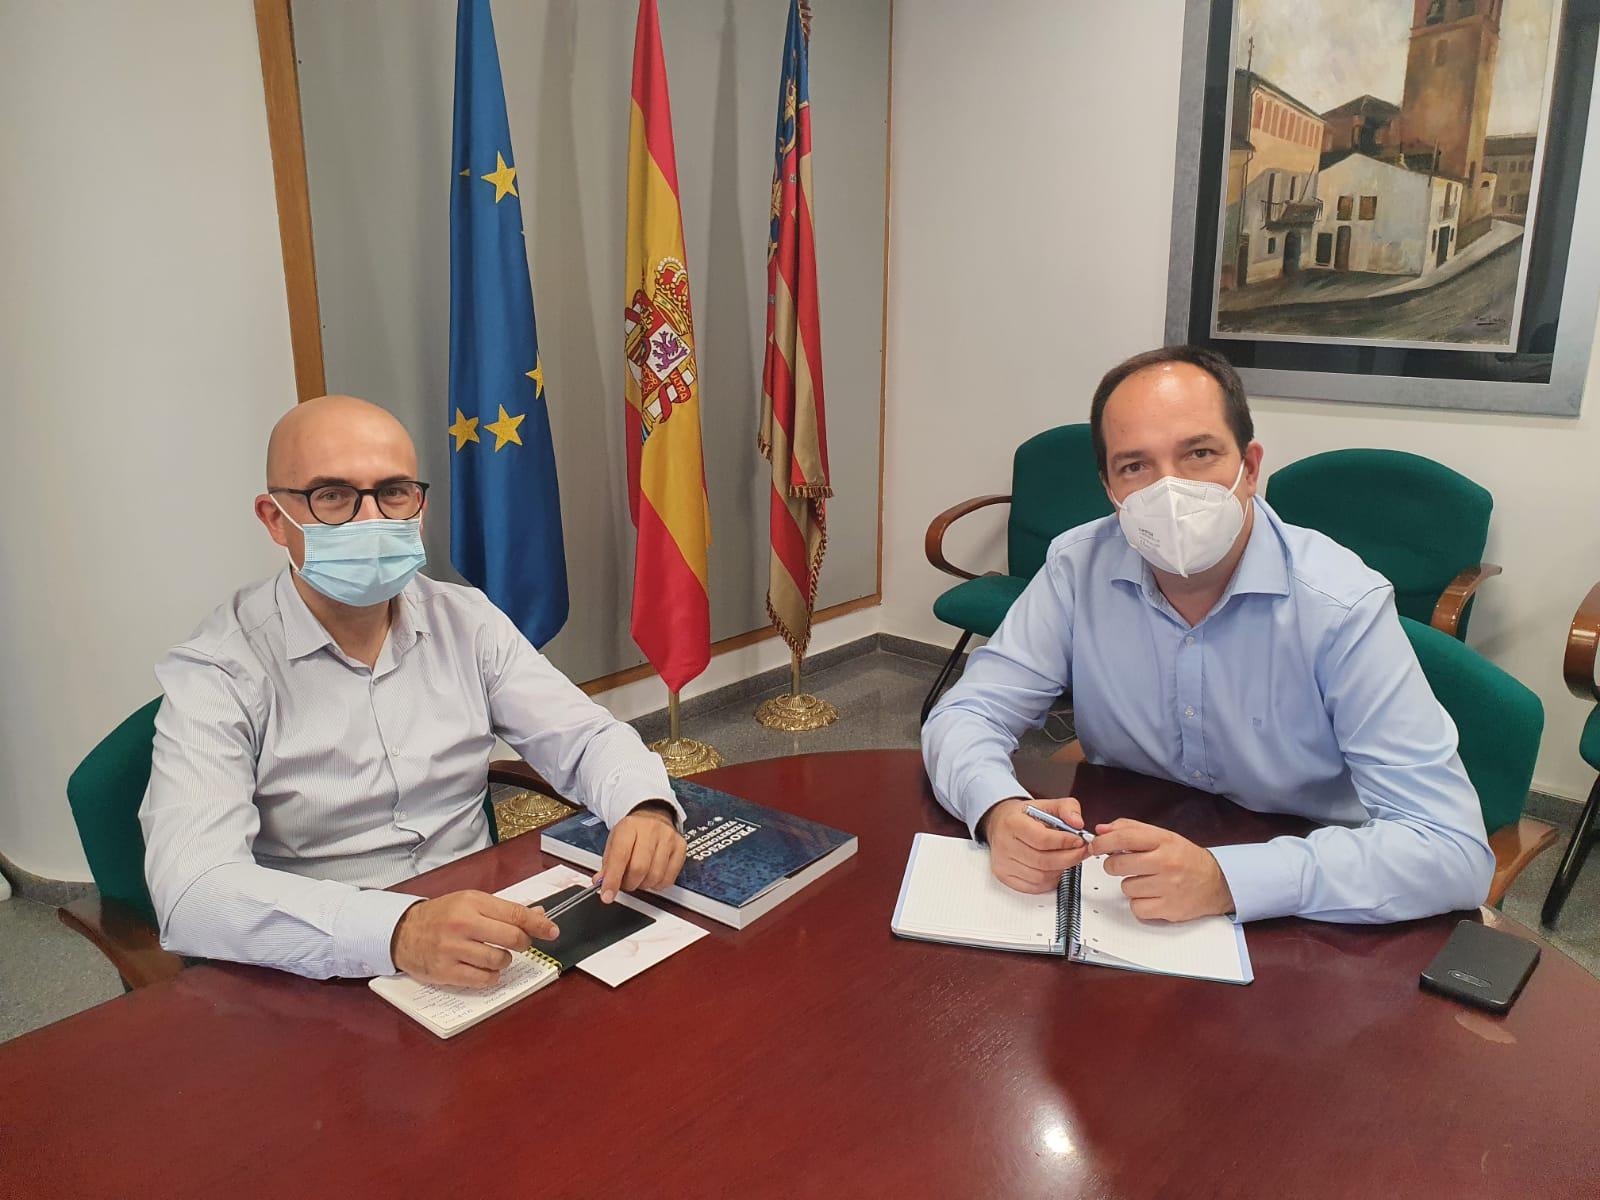 Guillermo Luján y Toni Saura, se han reunido esta tarde/ Foto: Aldaia.